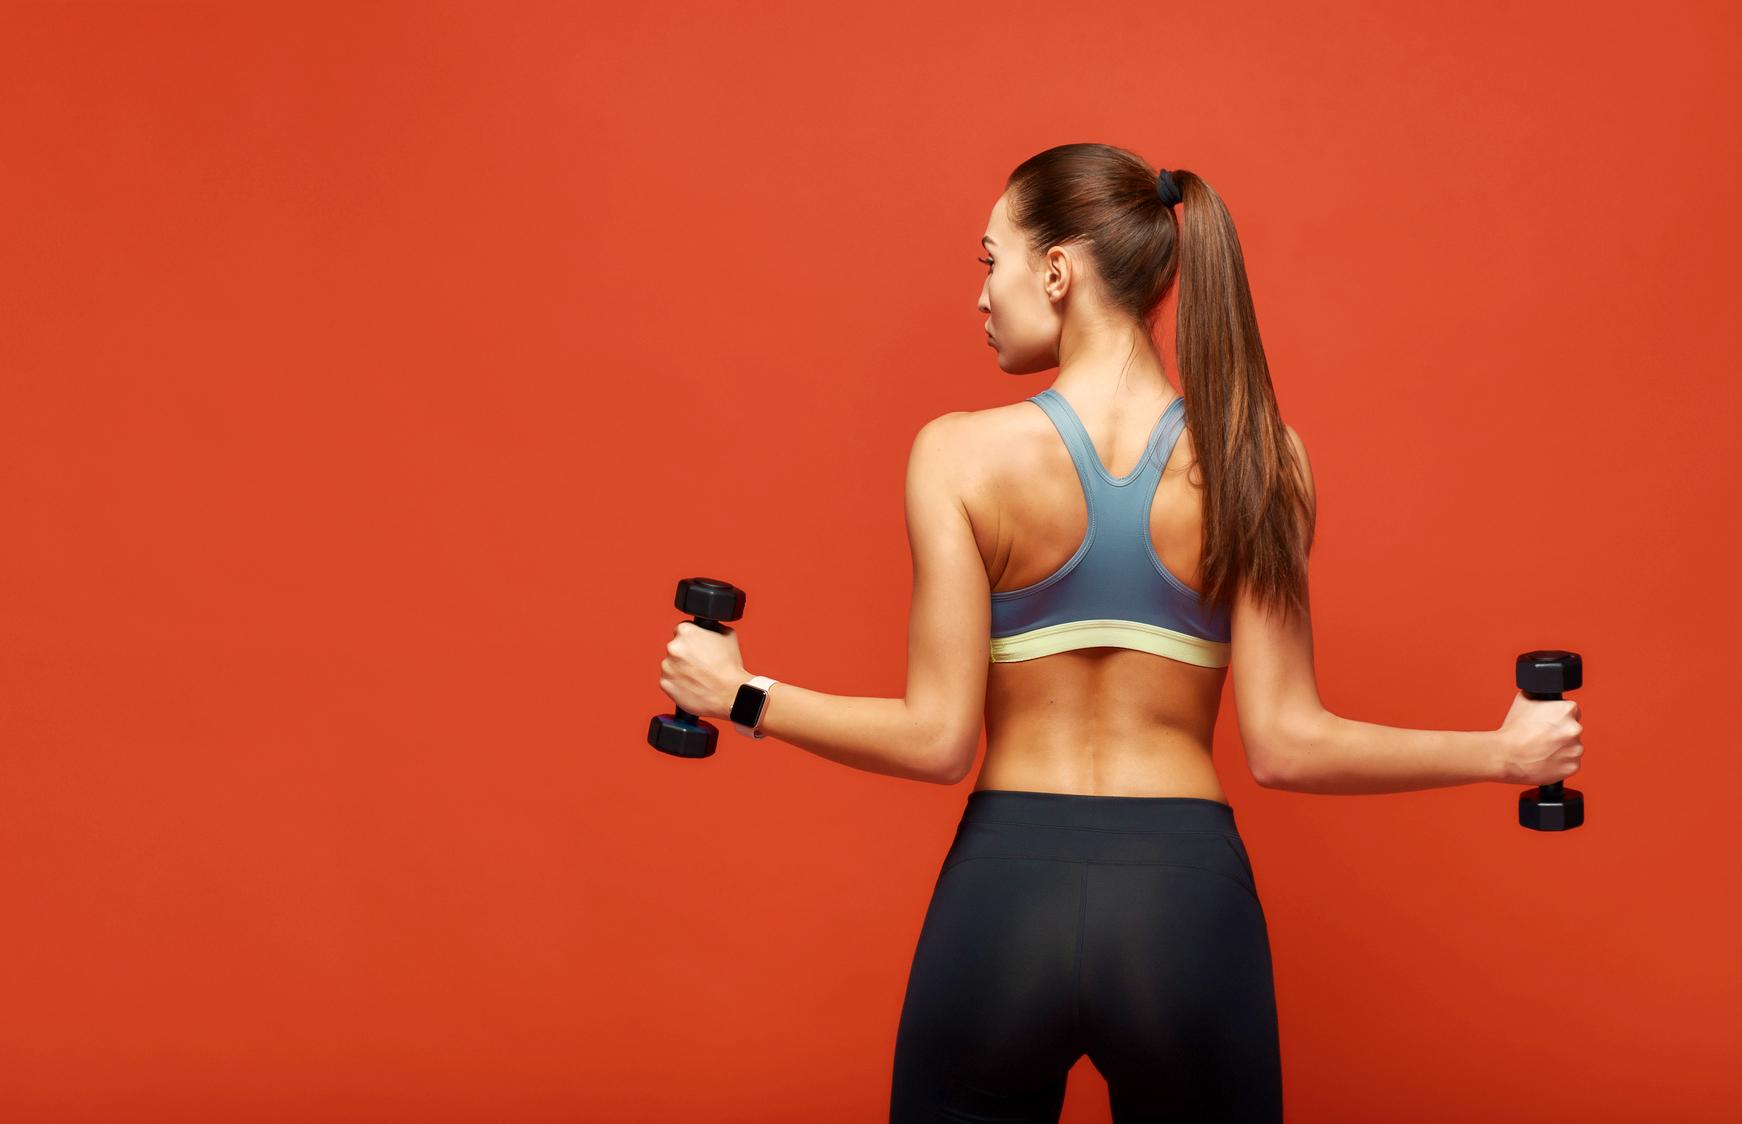 もっと確実に痩せる筋トレがしたい!ジムでできる女性向け筋トレメニュー